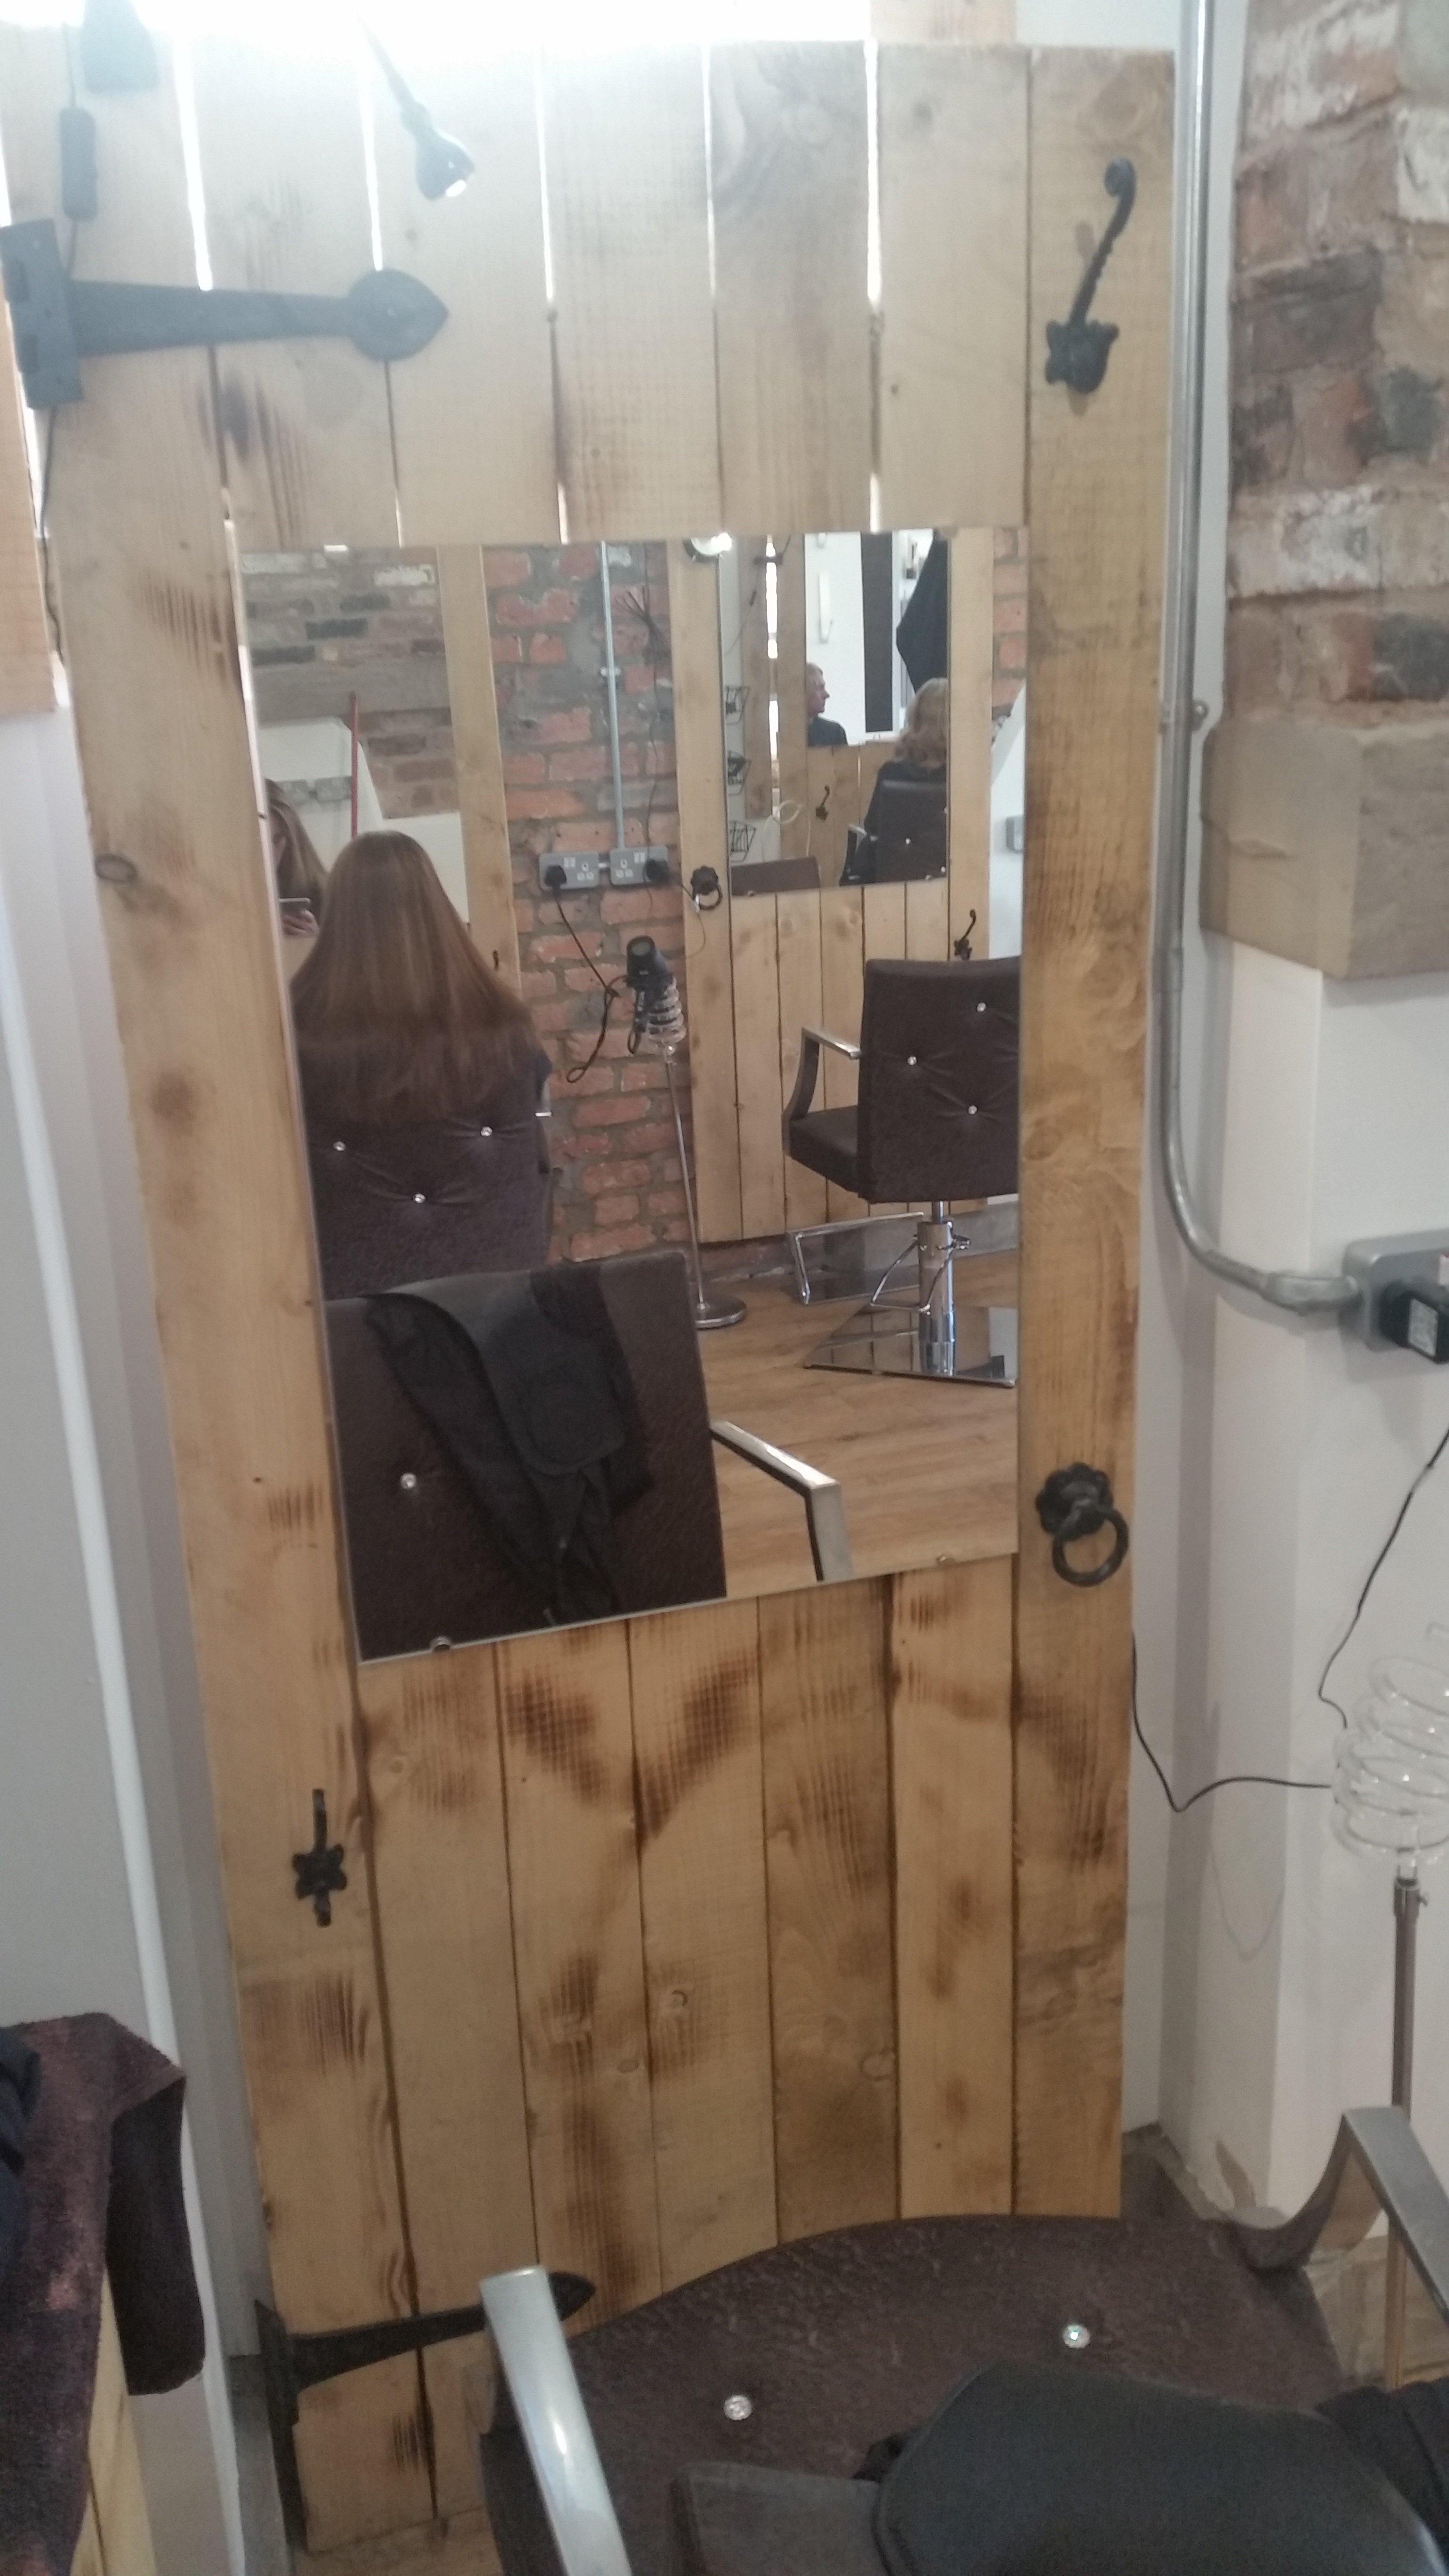 mirror amidst the wooden door